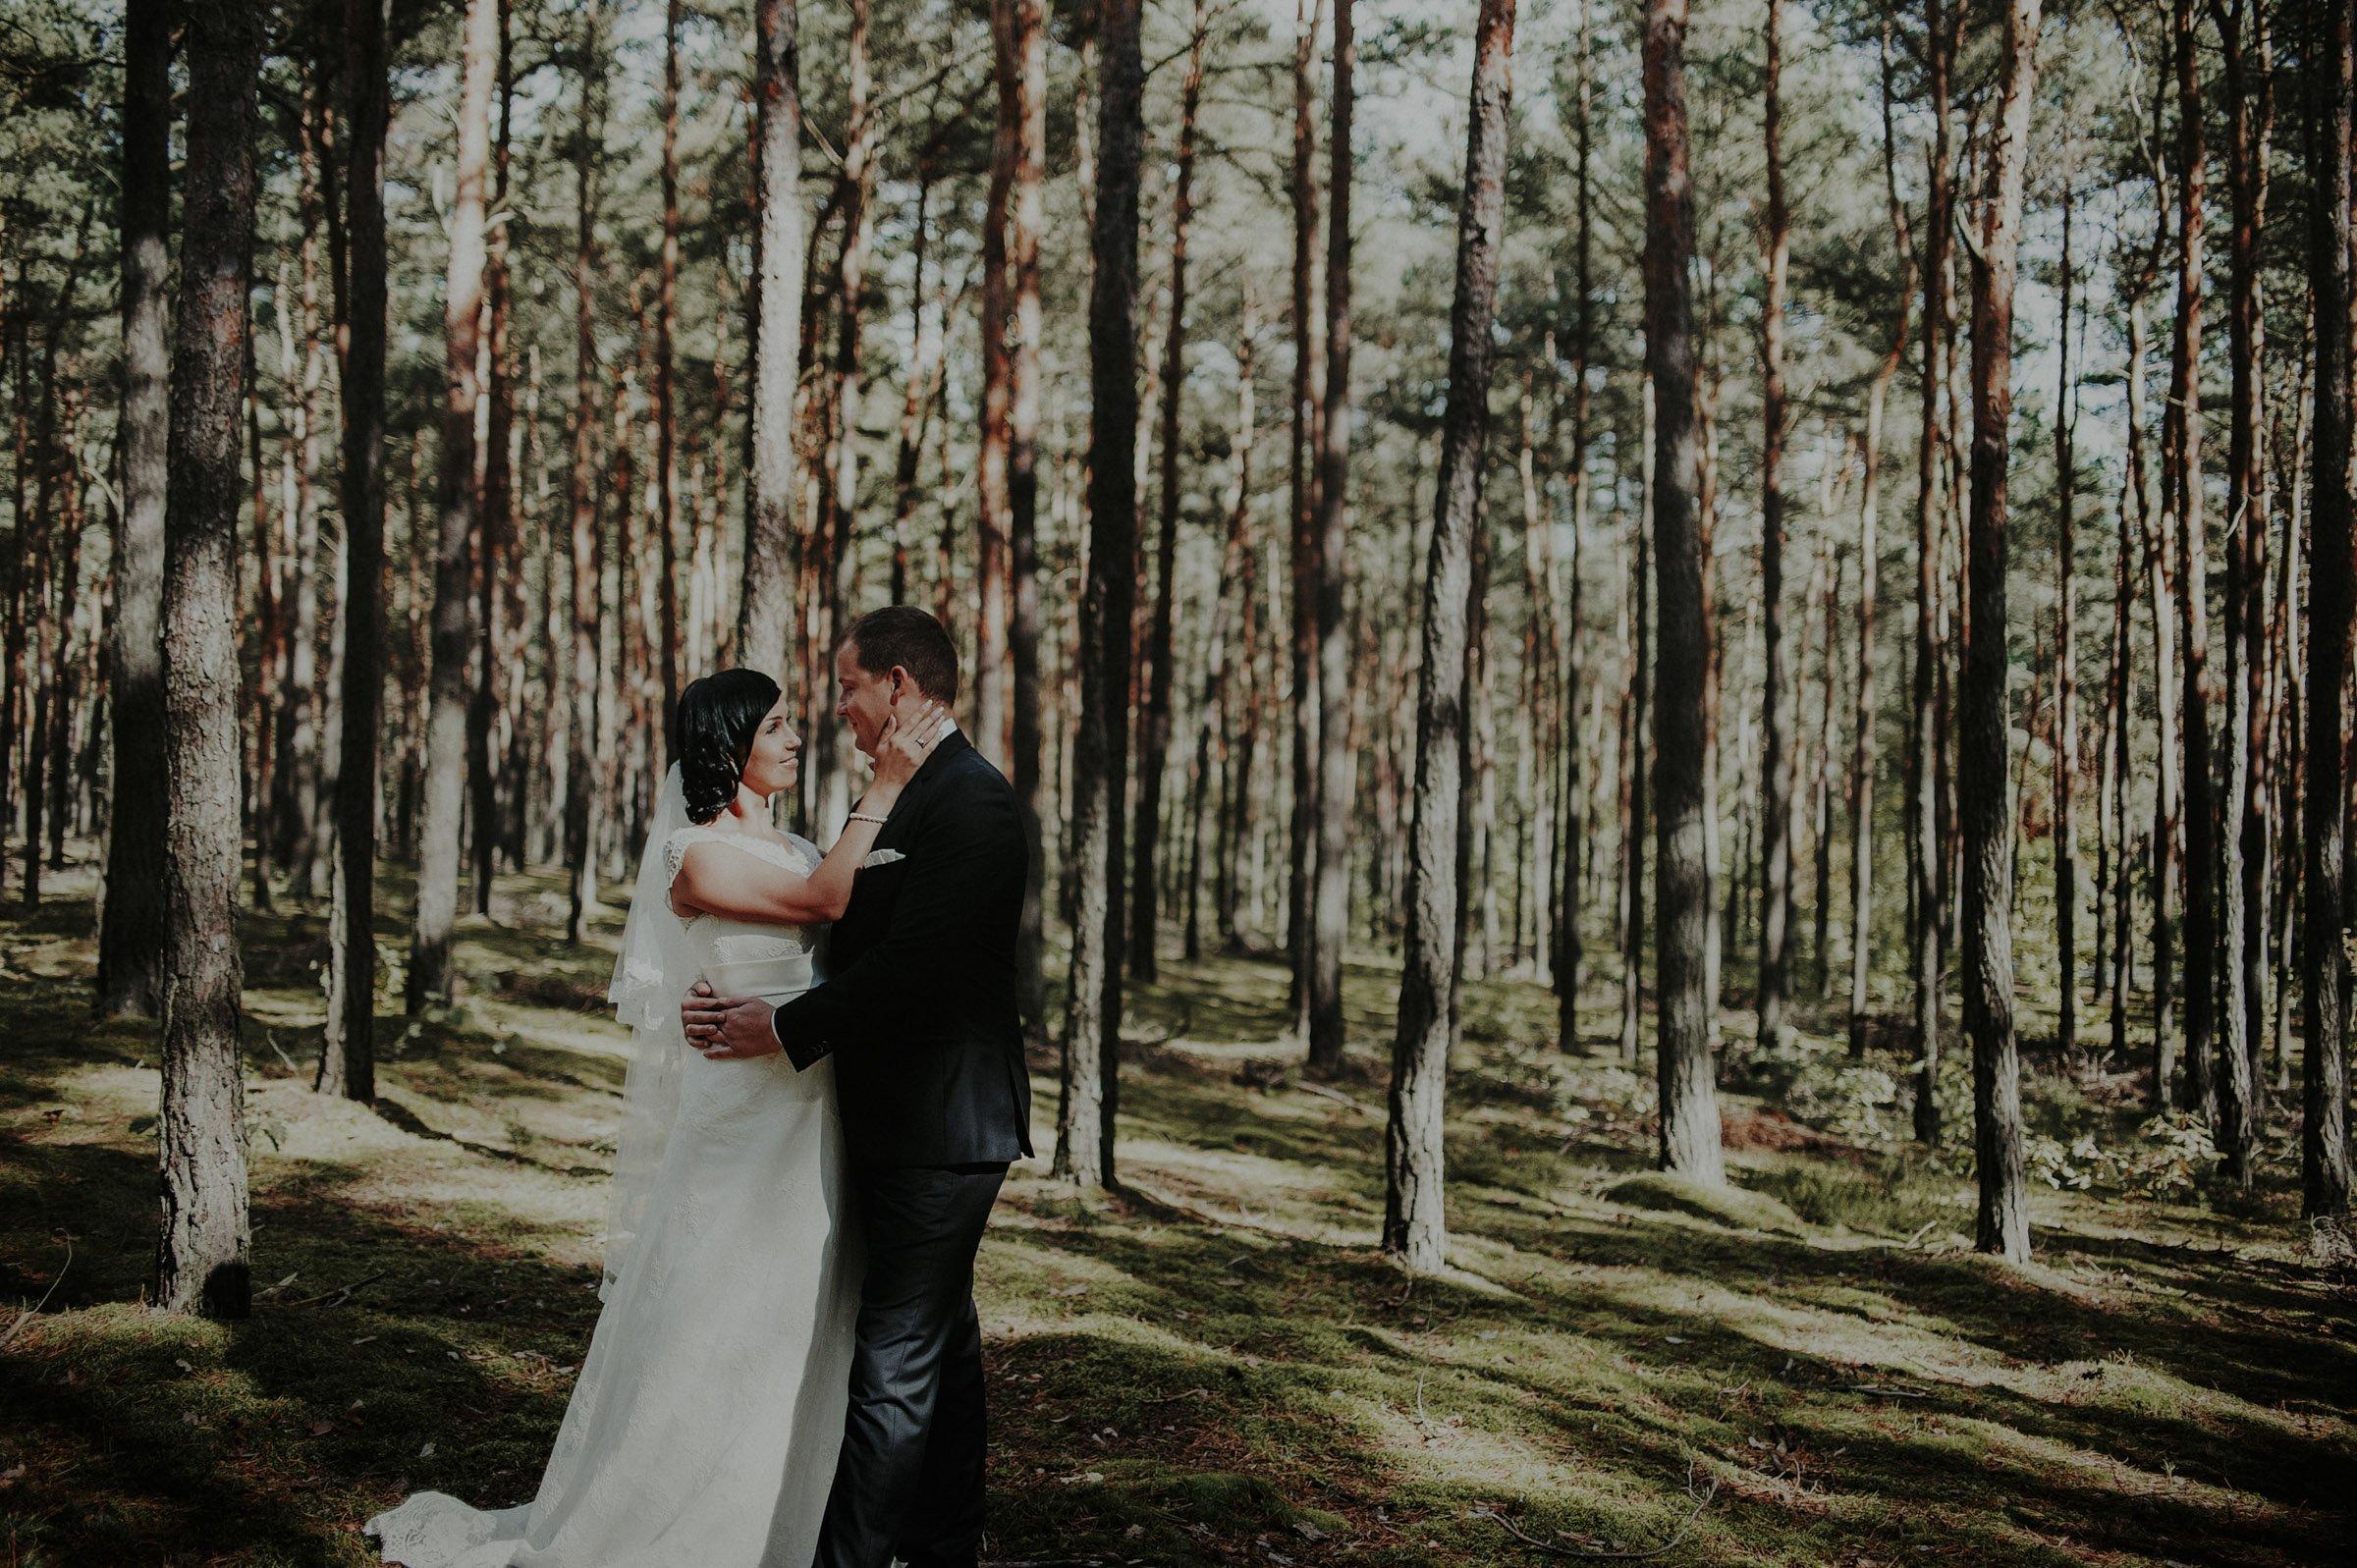 plener poślubny w lesie